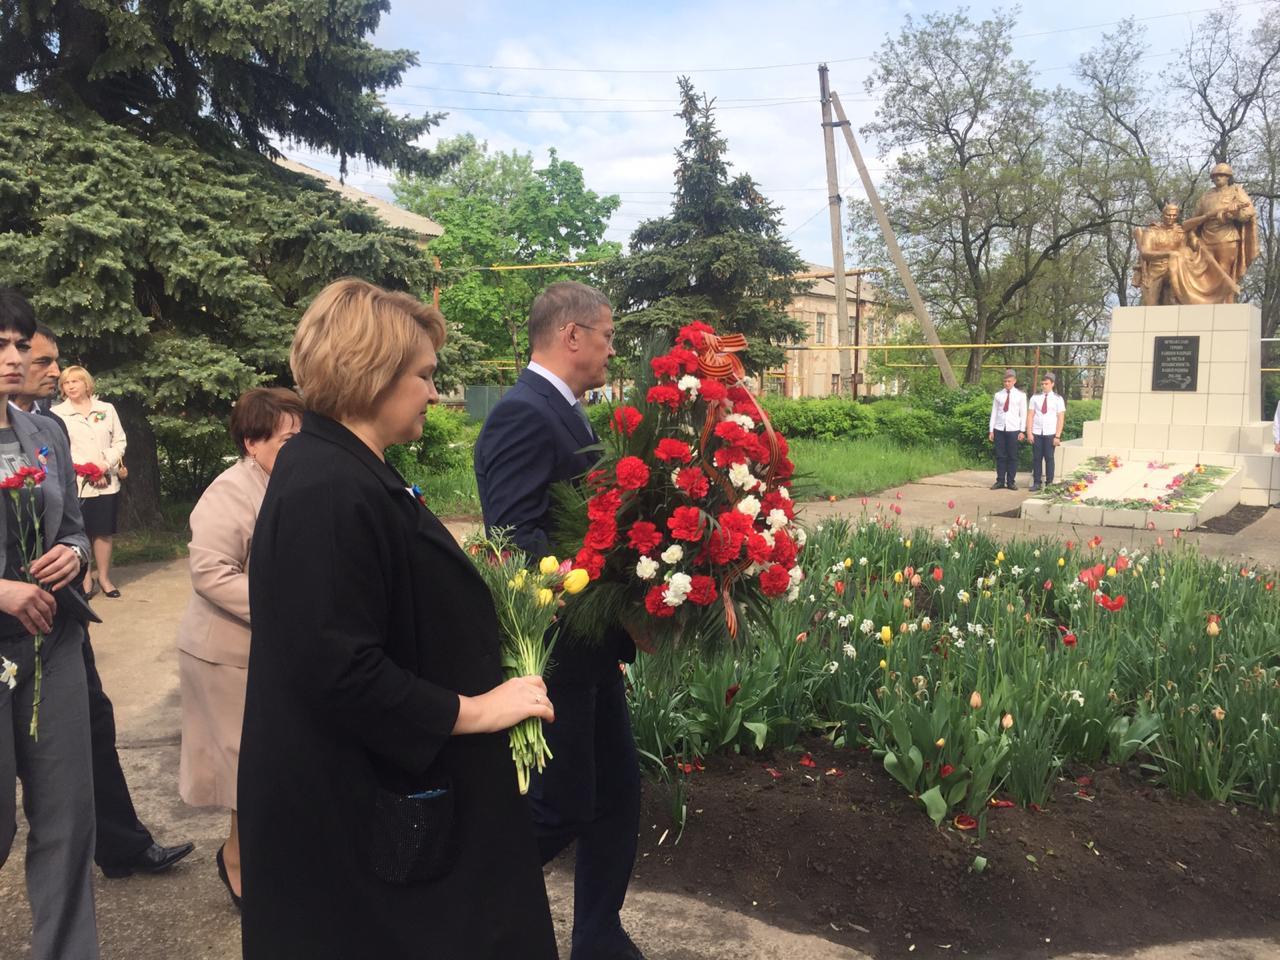 Башкирия отправит на Донбасс поисковую экспедицию для идентификации останков генерала Шаймуратова